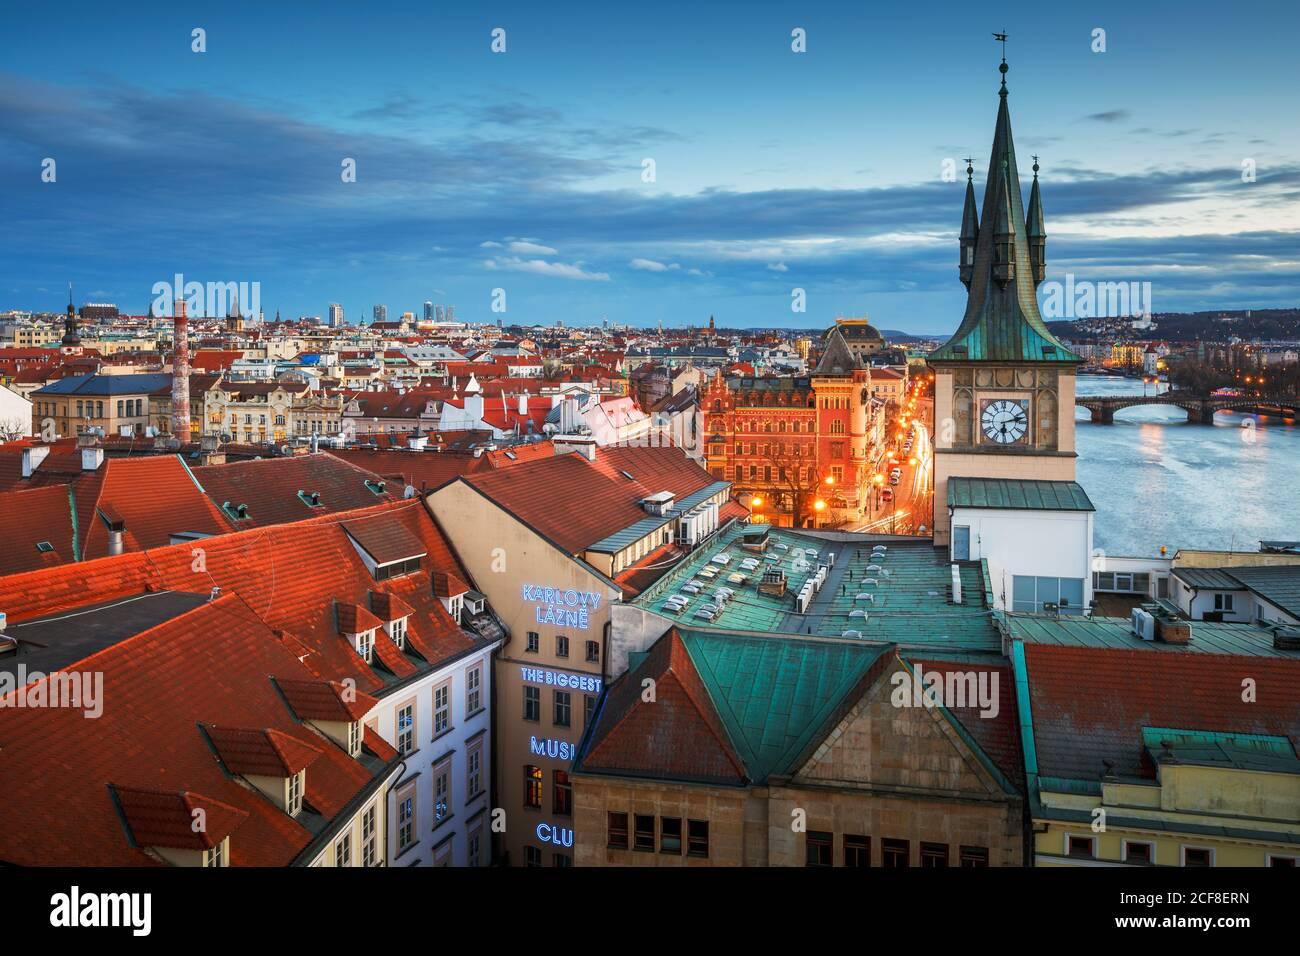 Praga, República Checa - 9 de marzo de 2019: Vista nocturna de la Torre del agua del casco antiguo y el río Vltava. Foto de stock